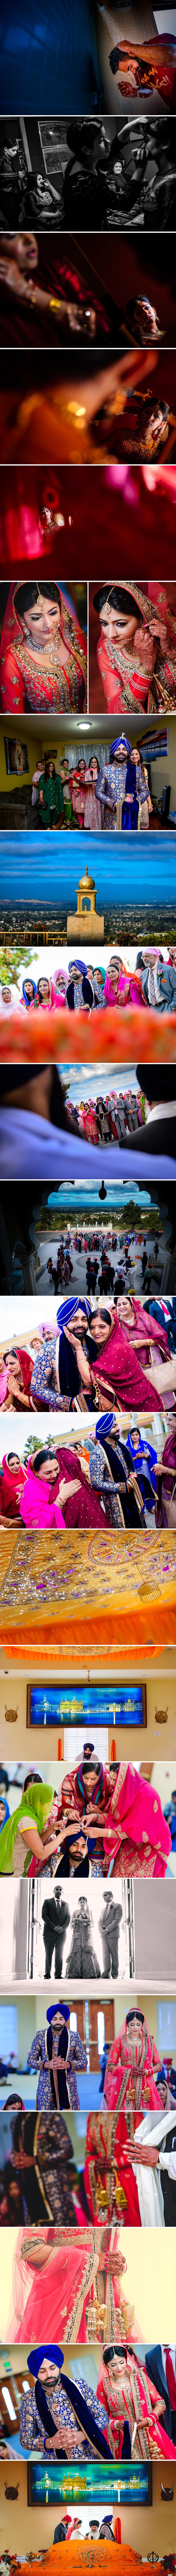 Sikh Wedding San jose Gurudwara